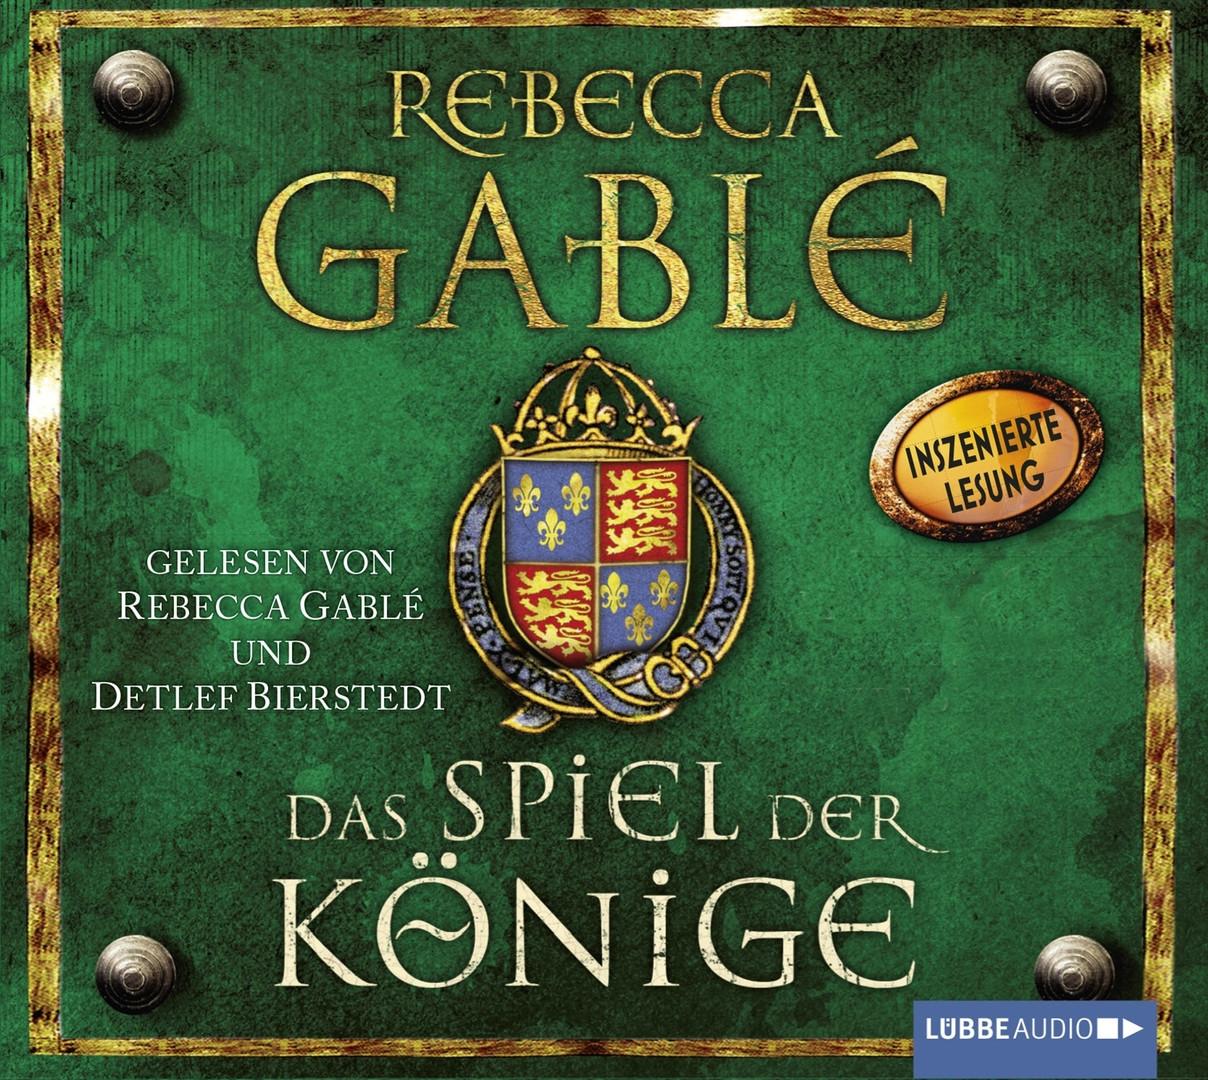 Rebecca Gablé - Das Spiel der Könige